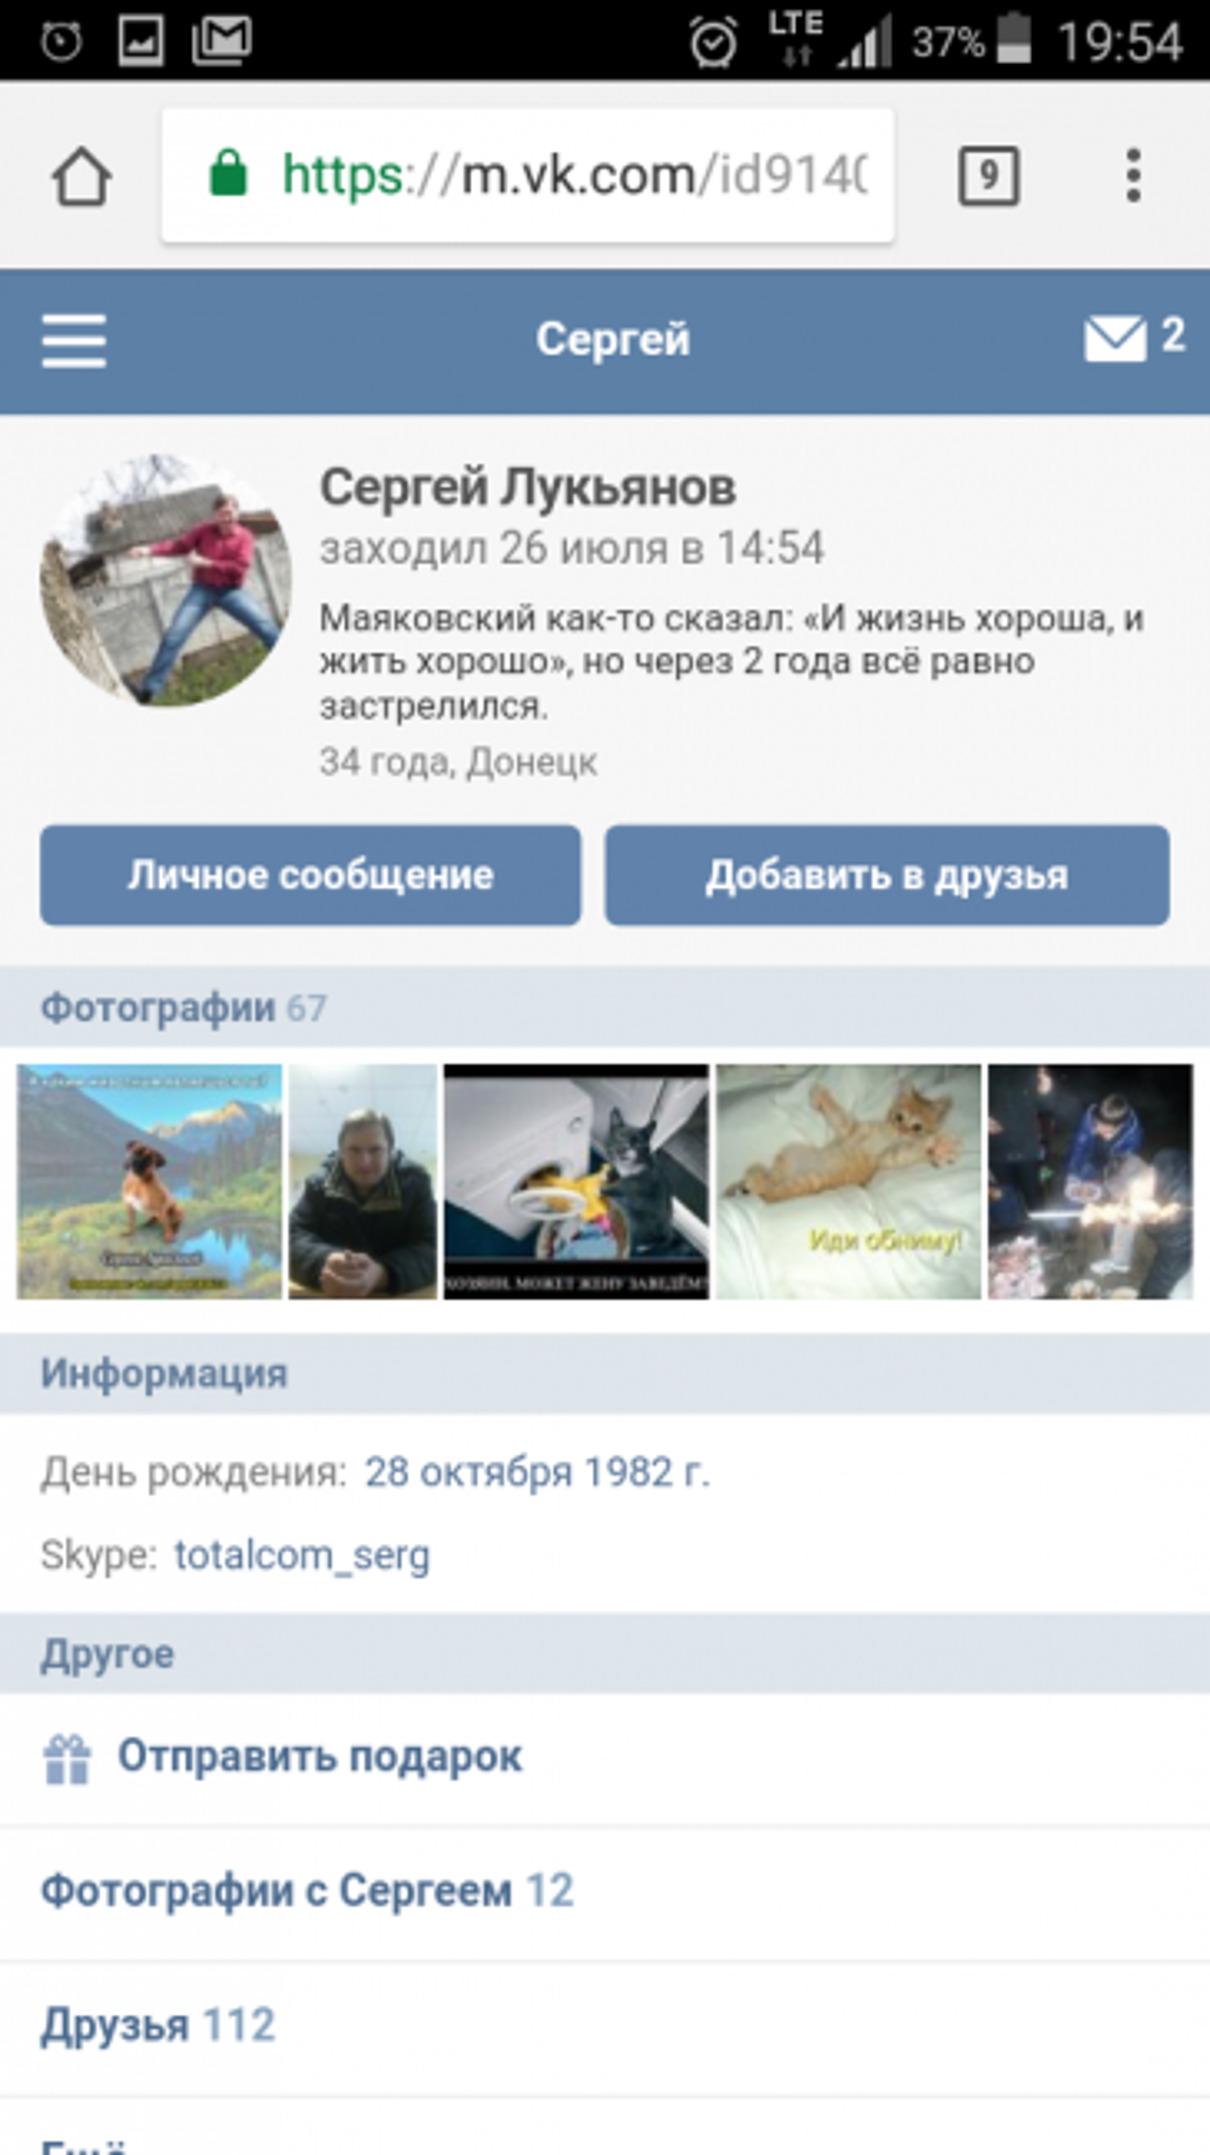 Жалоба-отзыв: ВОРЫ - Украли посылку на Укрпочте.  Фото №4